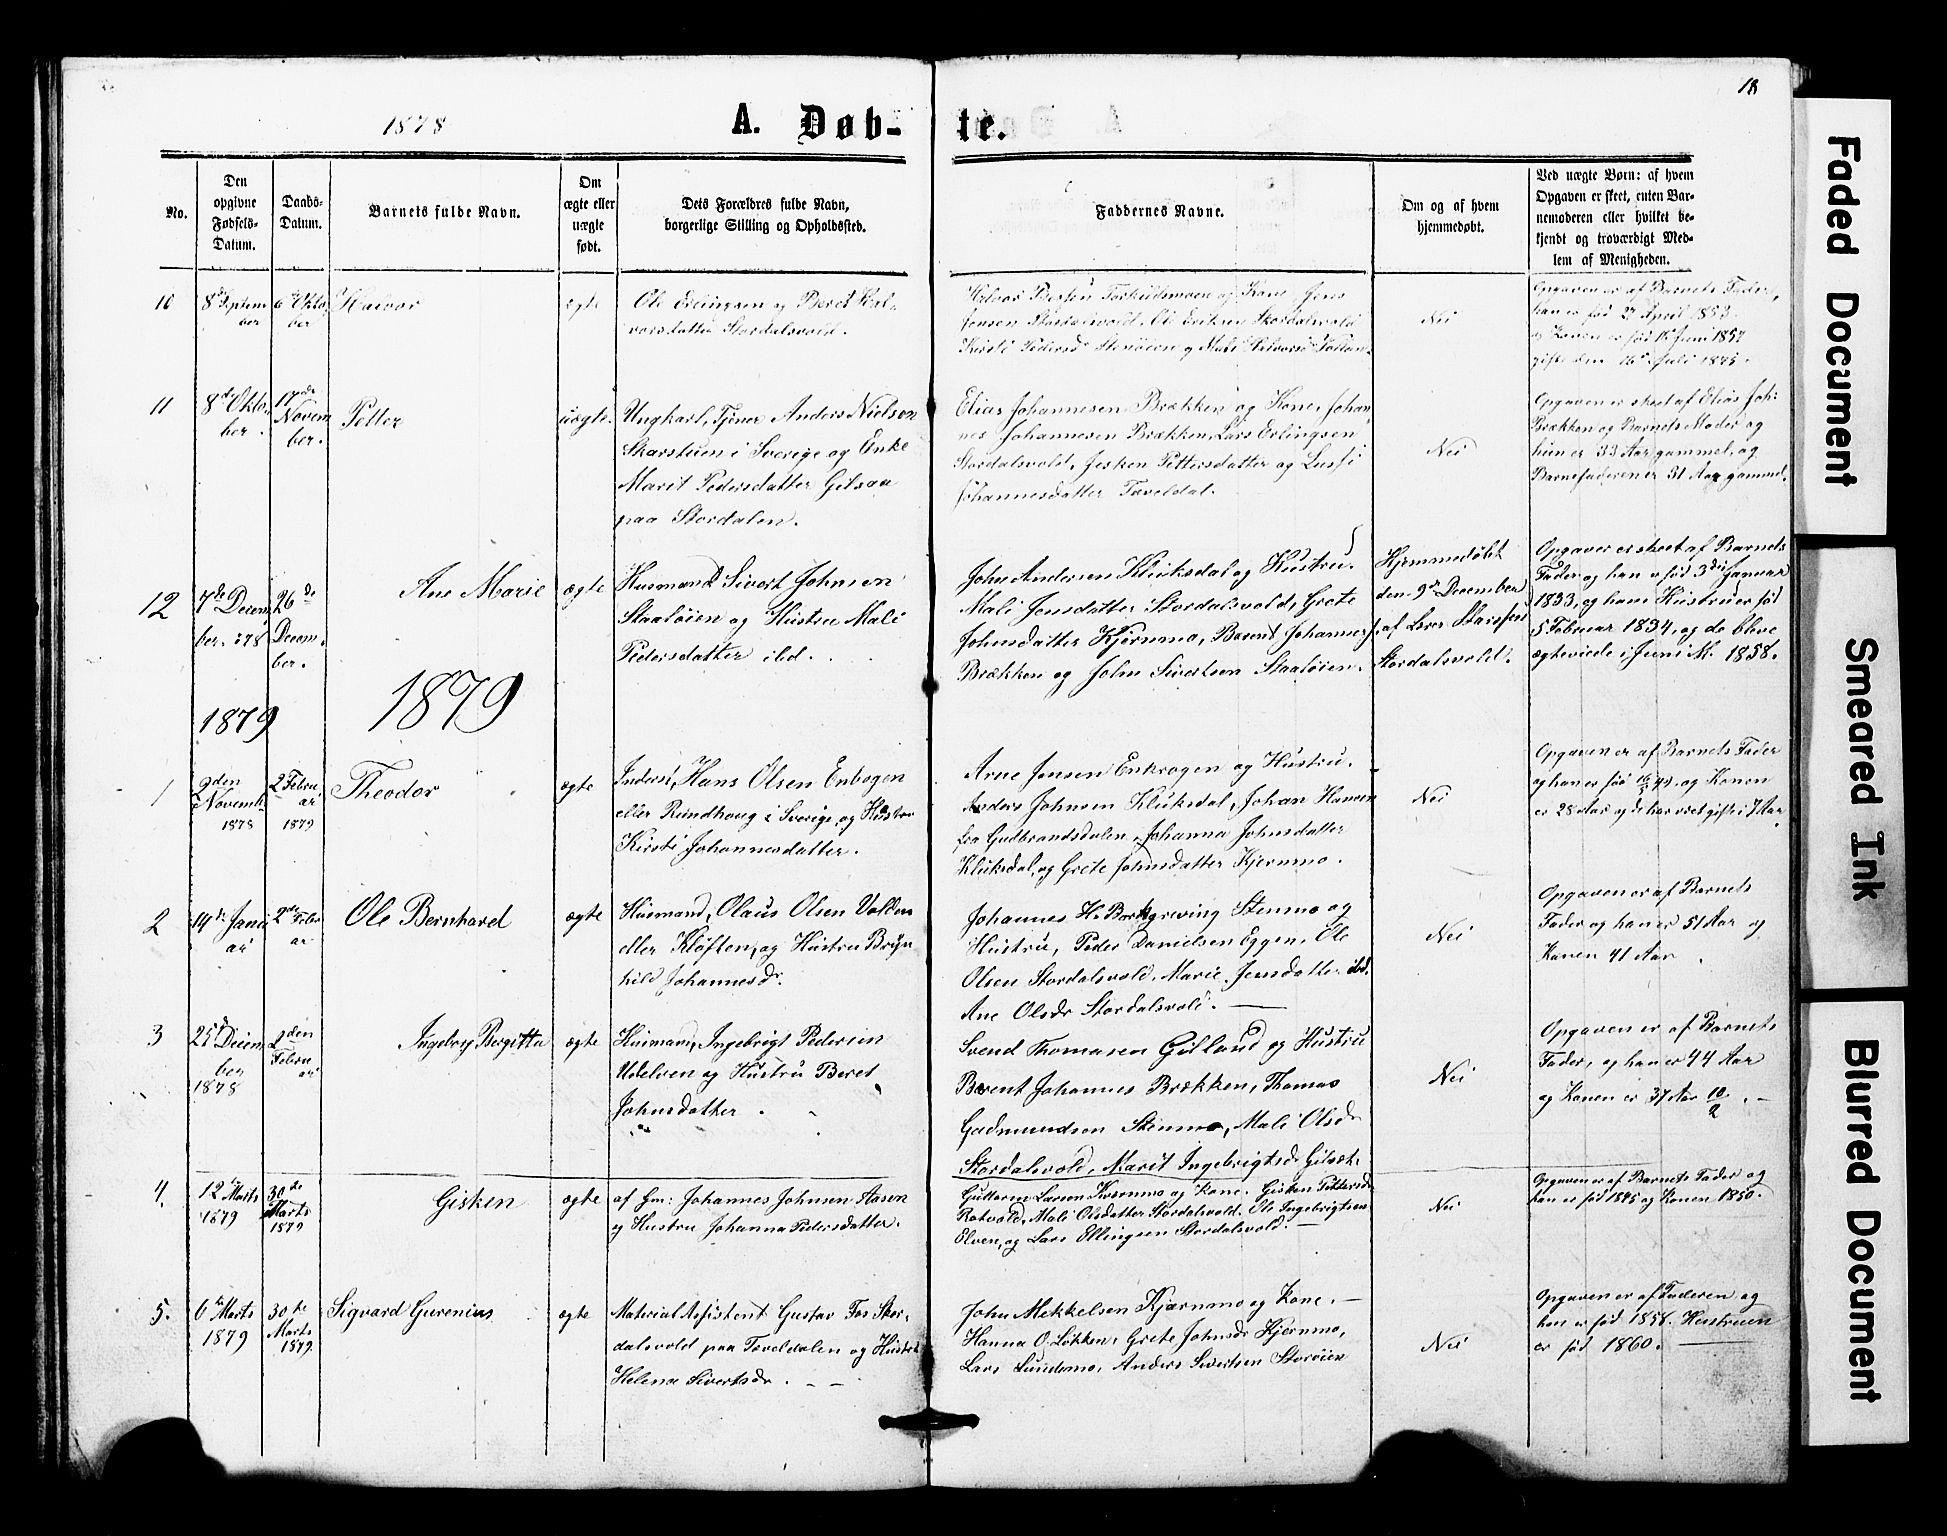 SAT, Ministerialprotokoller, klokkerbøker og fødselsregistre - Nord-Trøndelag, 707/L0052: Klokkerbok nr. 707C01, 1864-1897, s. 18